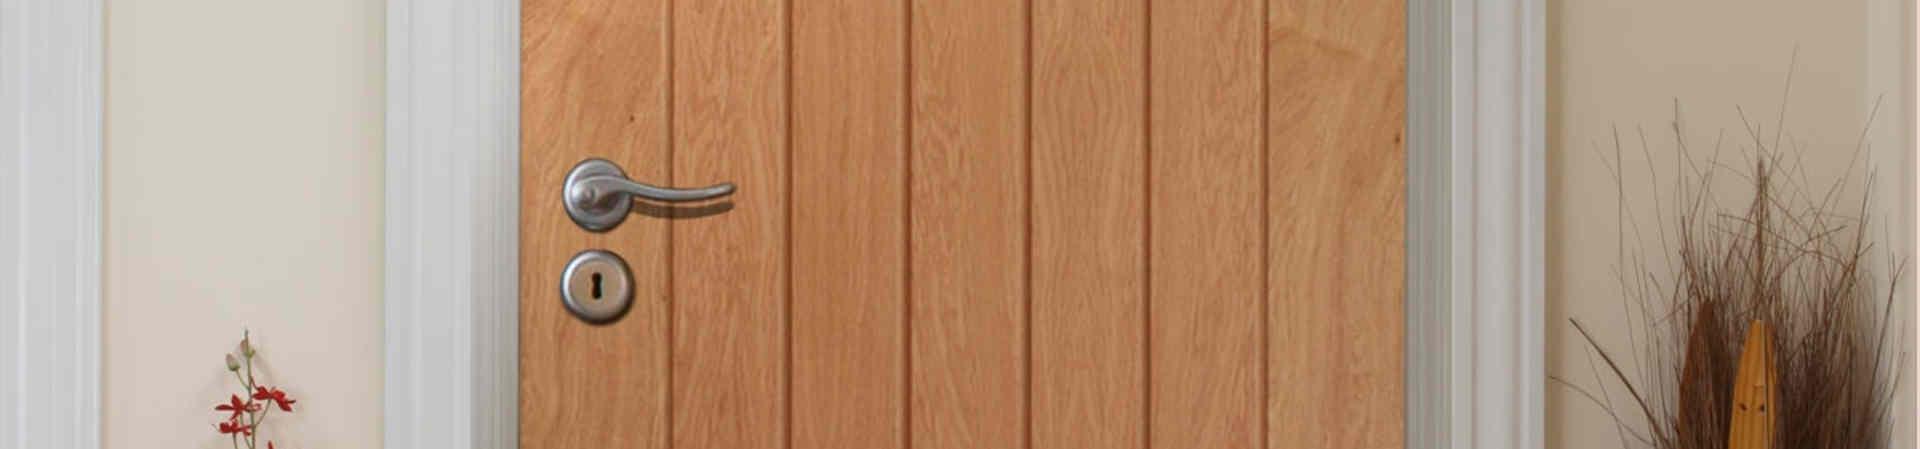 Los 10 mejores profesionales de lacado de puertas en - Como lacar puertas ...